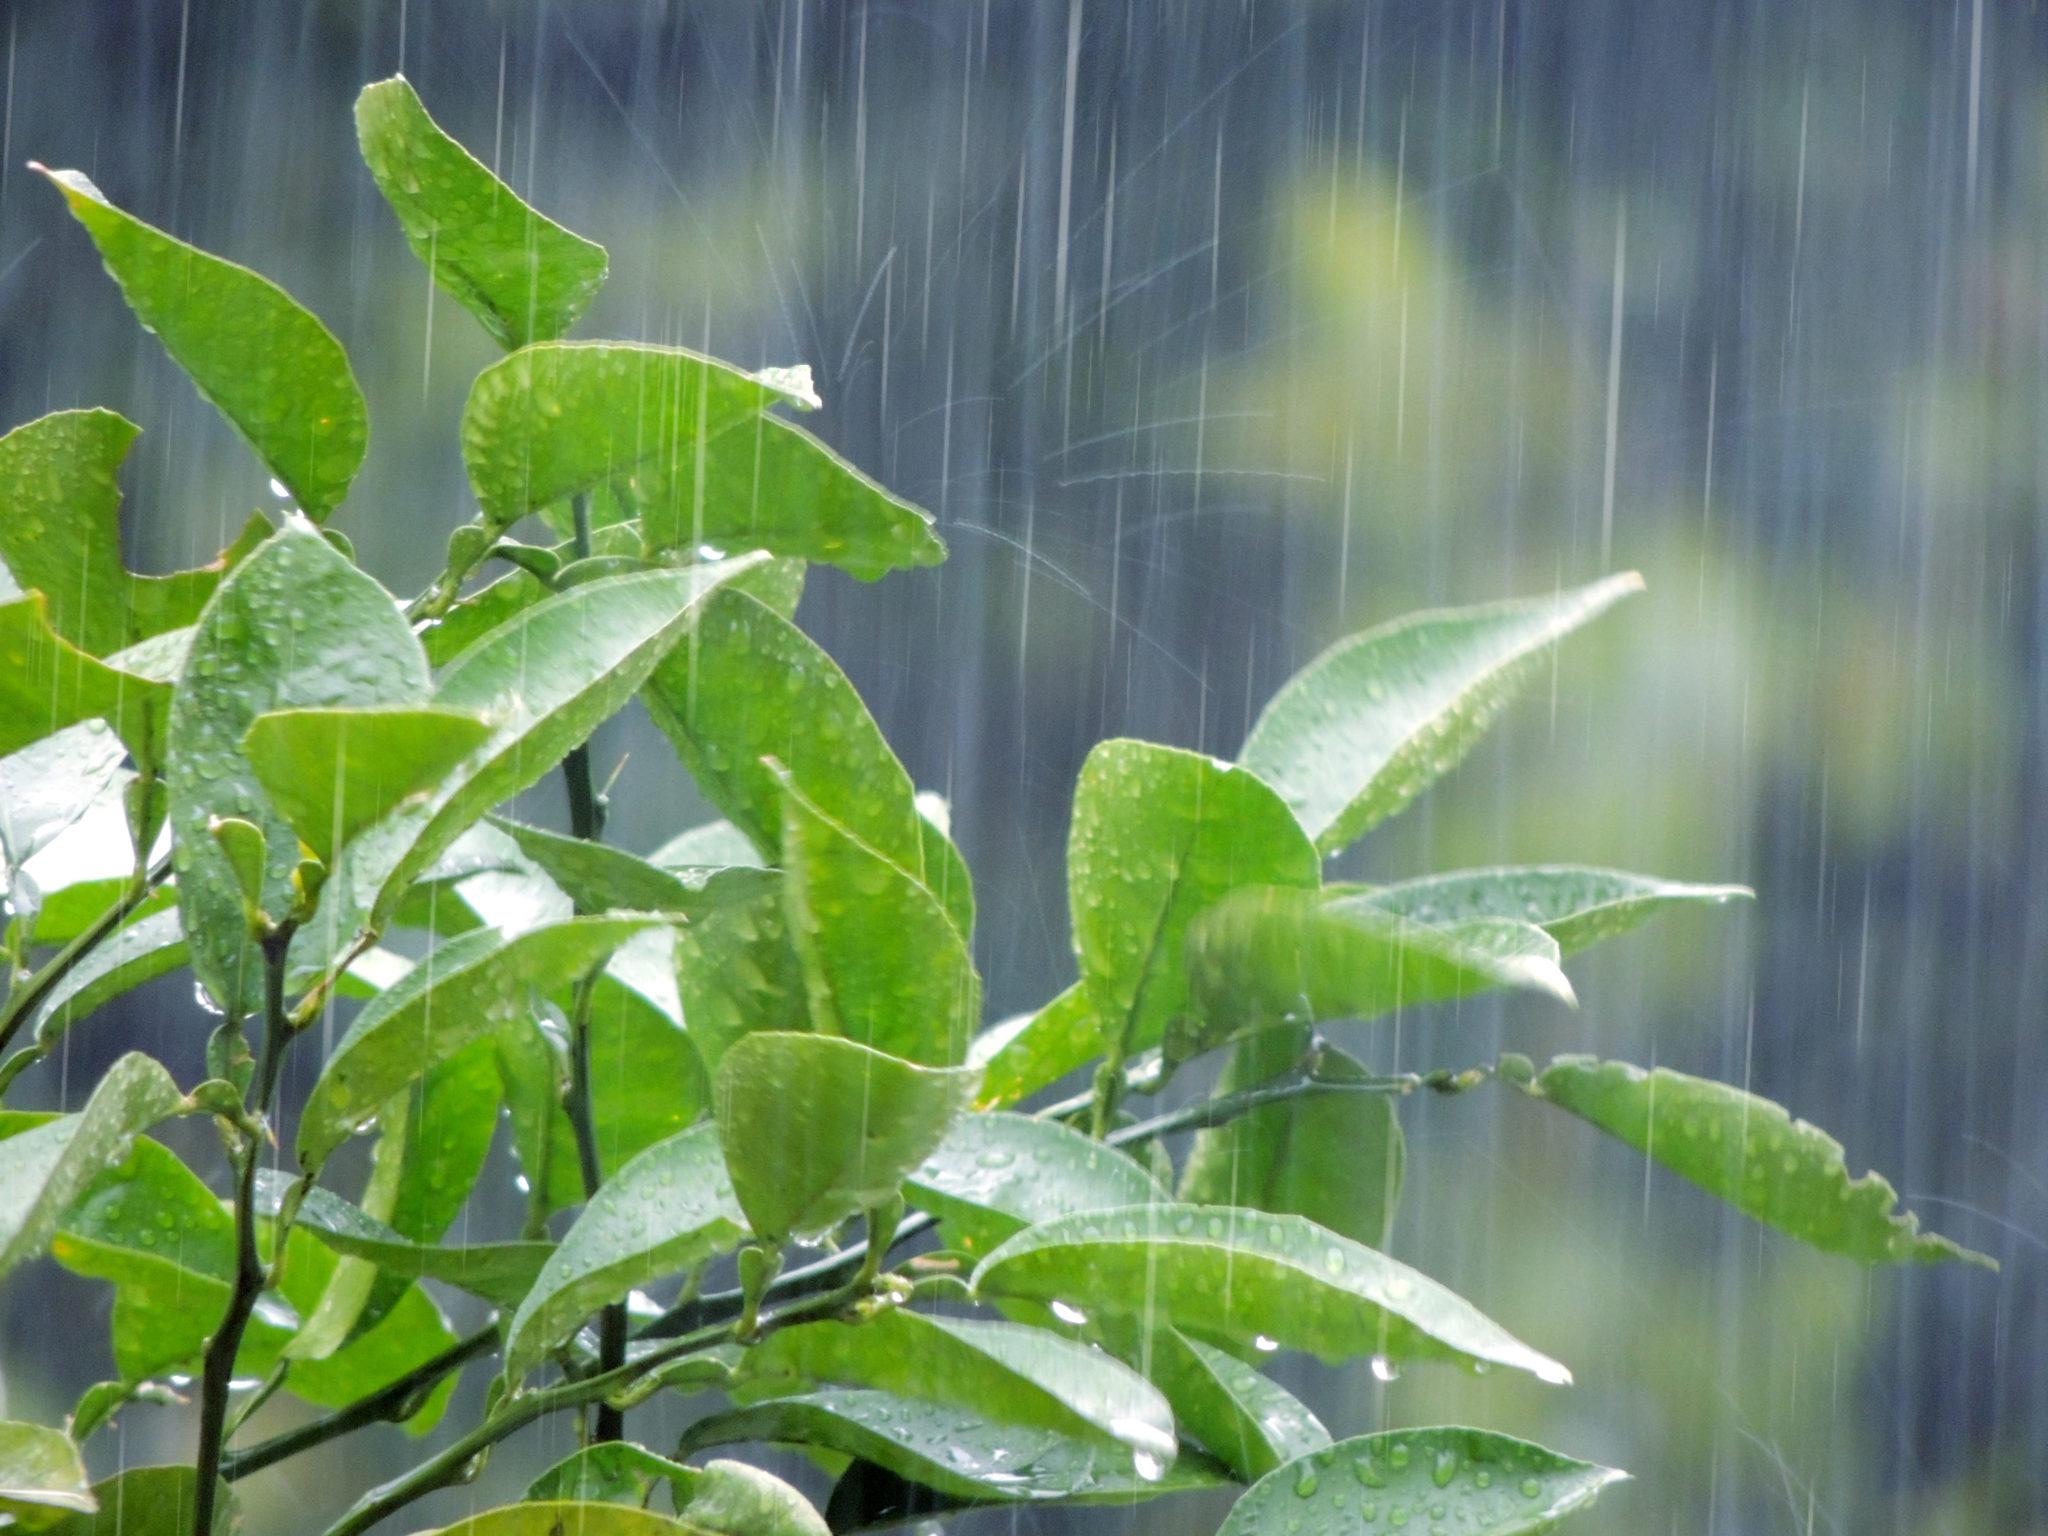 雨が降っている画像